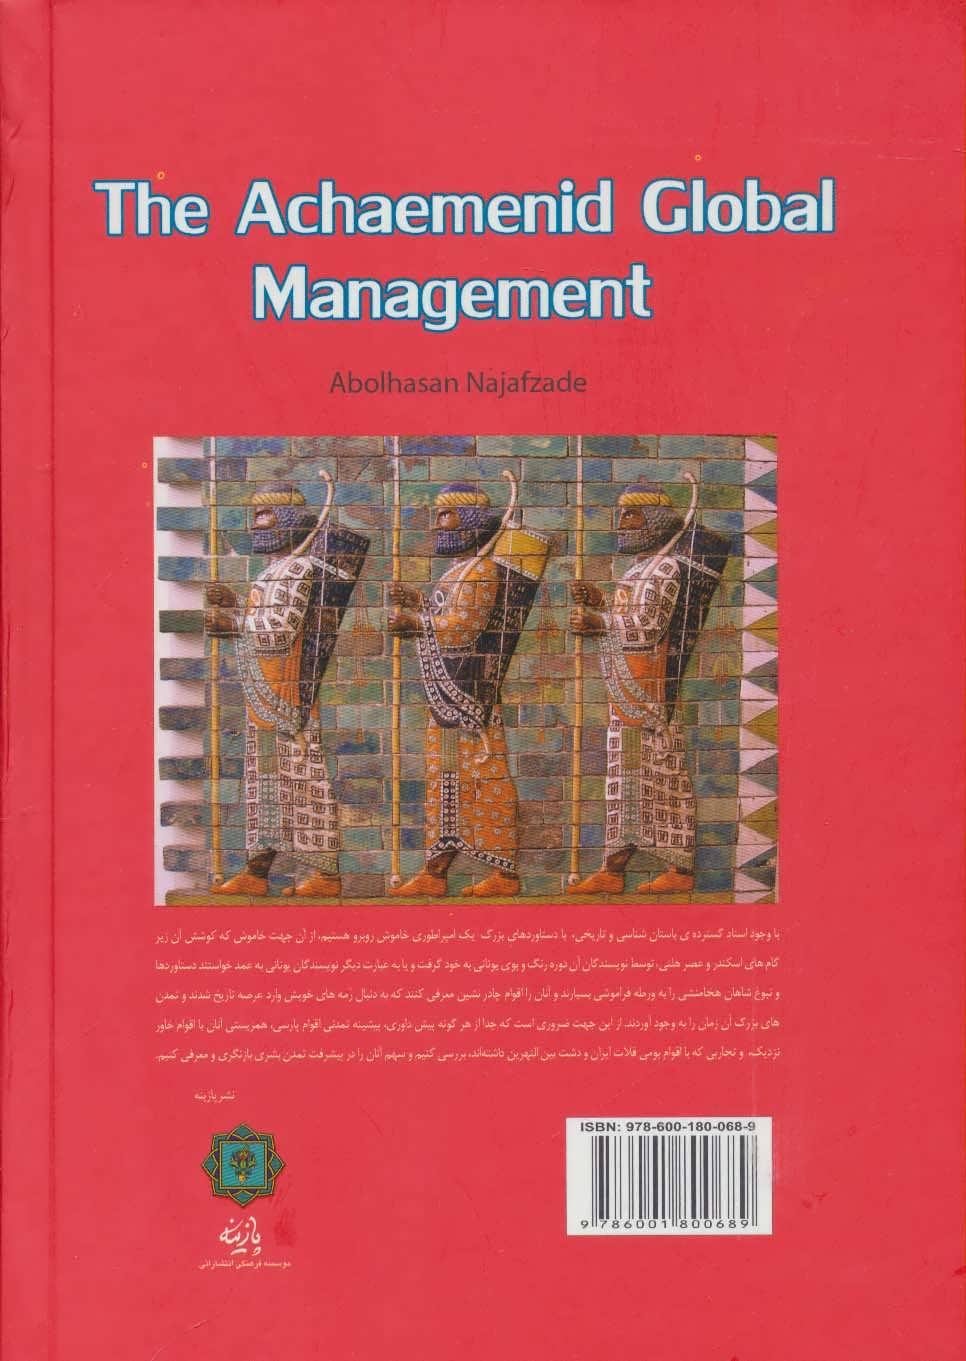 مدیریت جهانی هخامنشی (گلاسه)